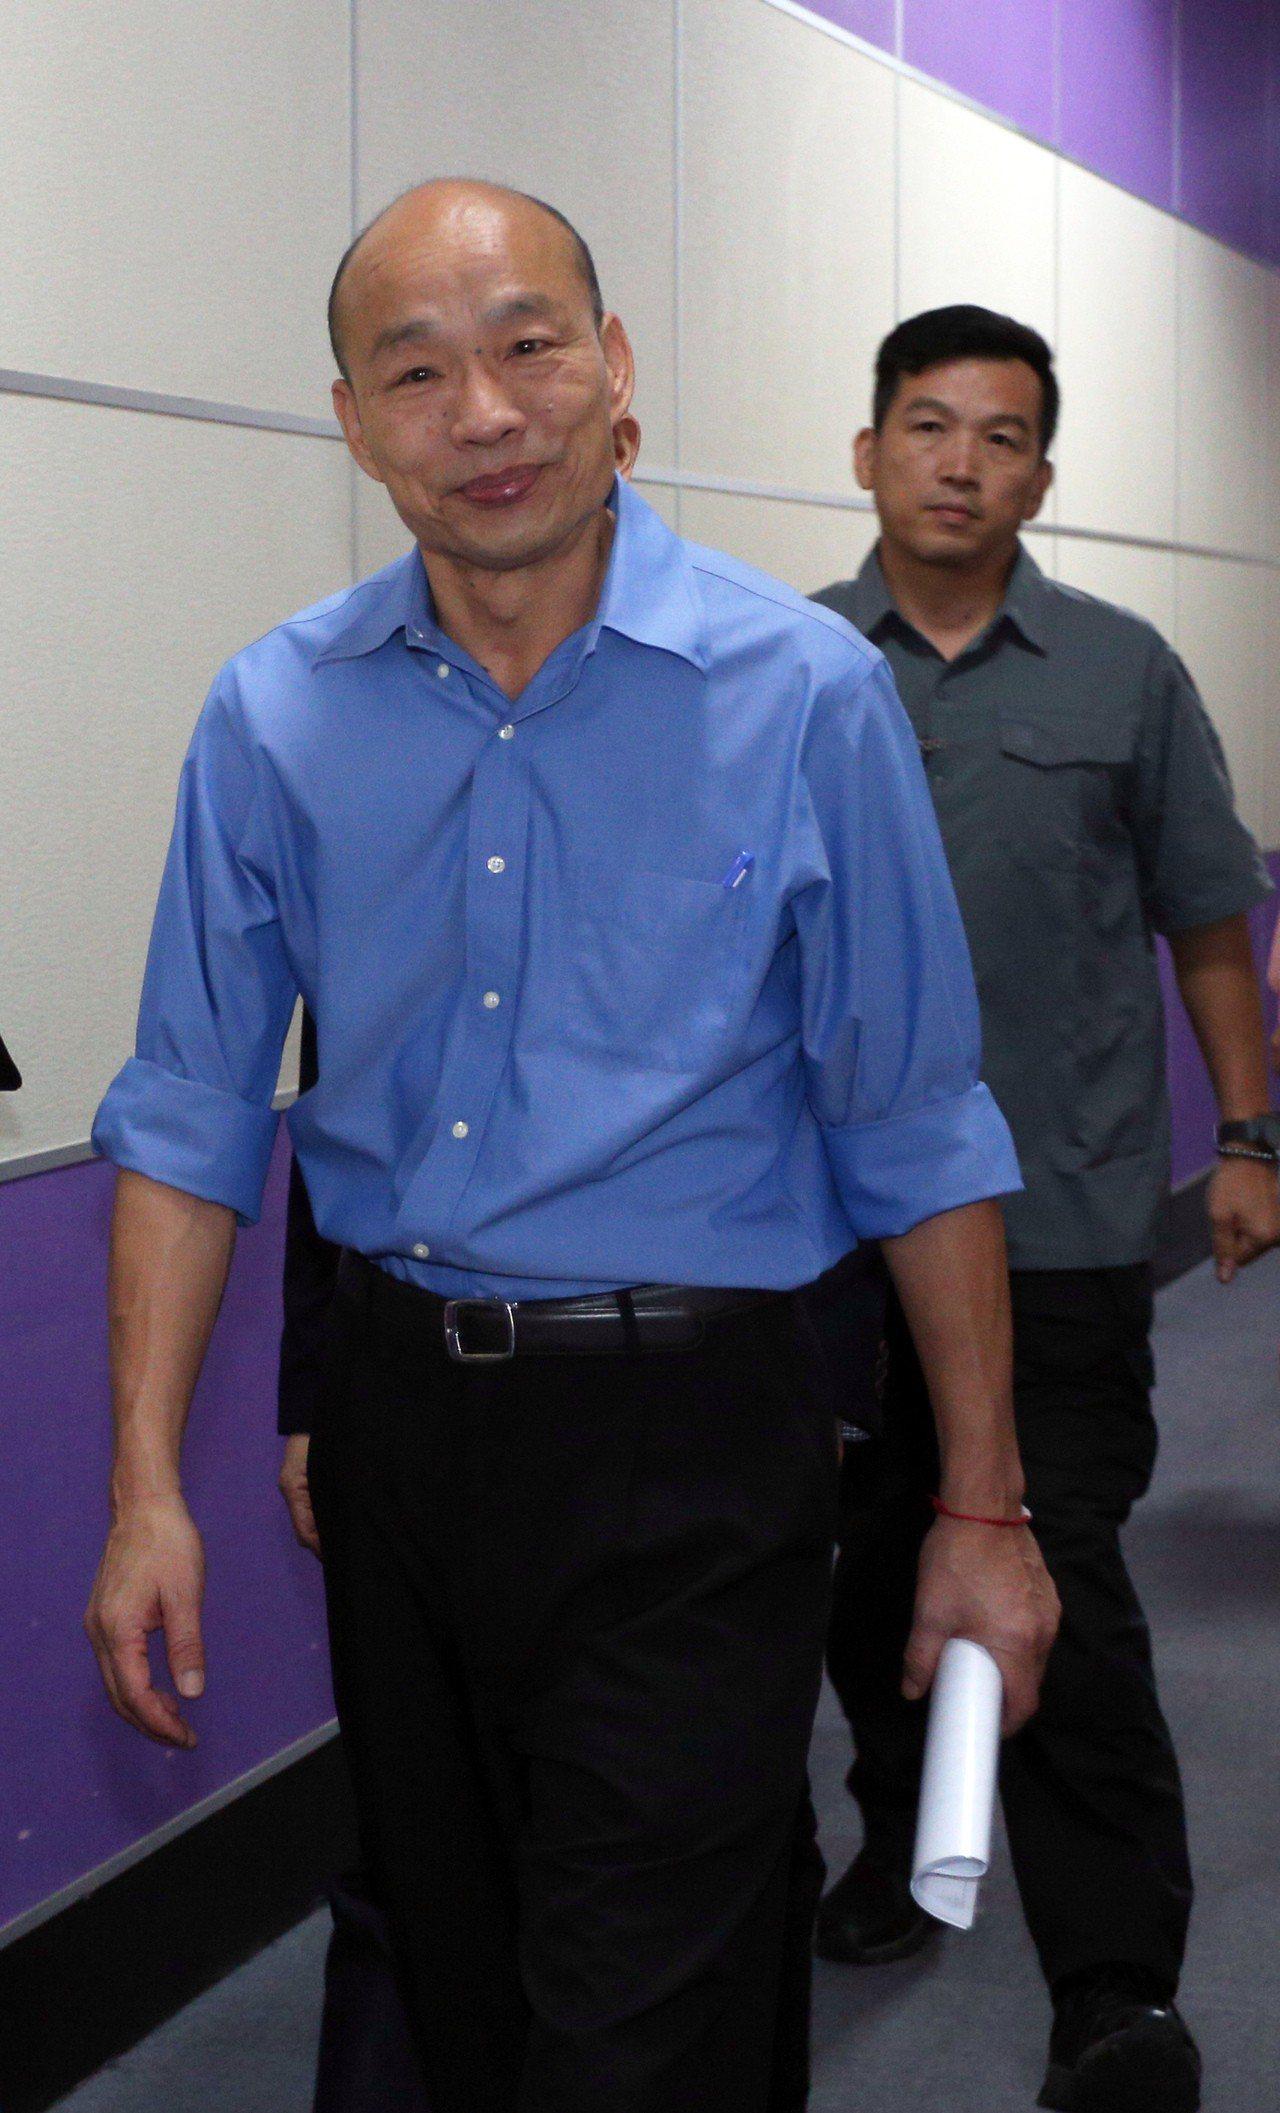 高雄市長韓國瑜今出席國民黨總統初選國政願景發表會,但會後直接離開會場。不接受媒體...